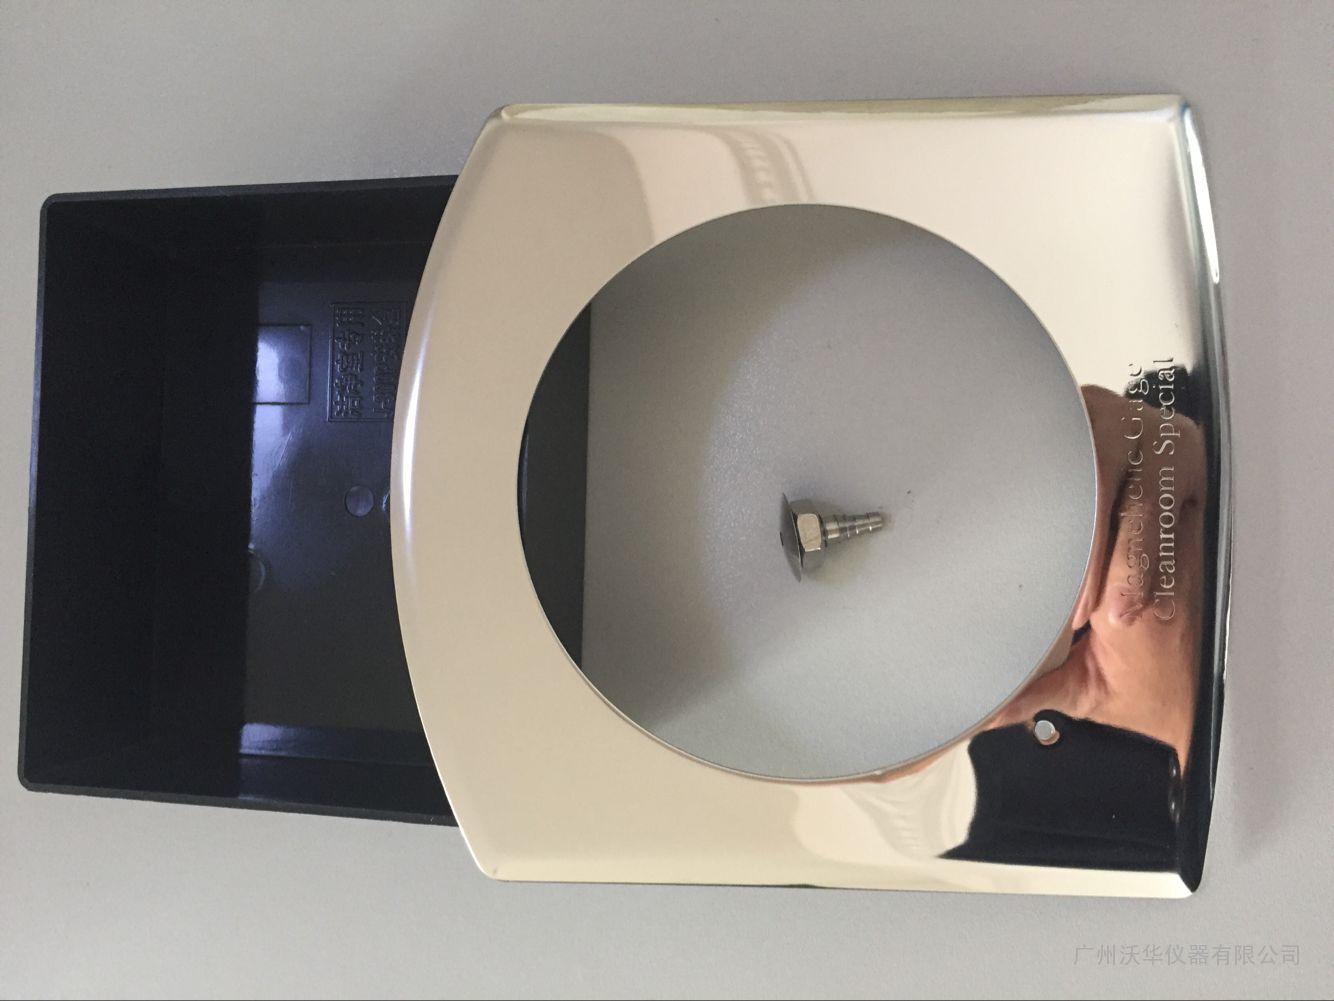 差压表不锈钢面板塑料安装盒(含宝塔接头)